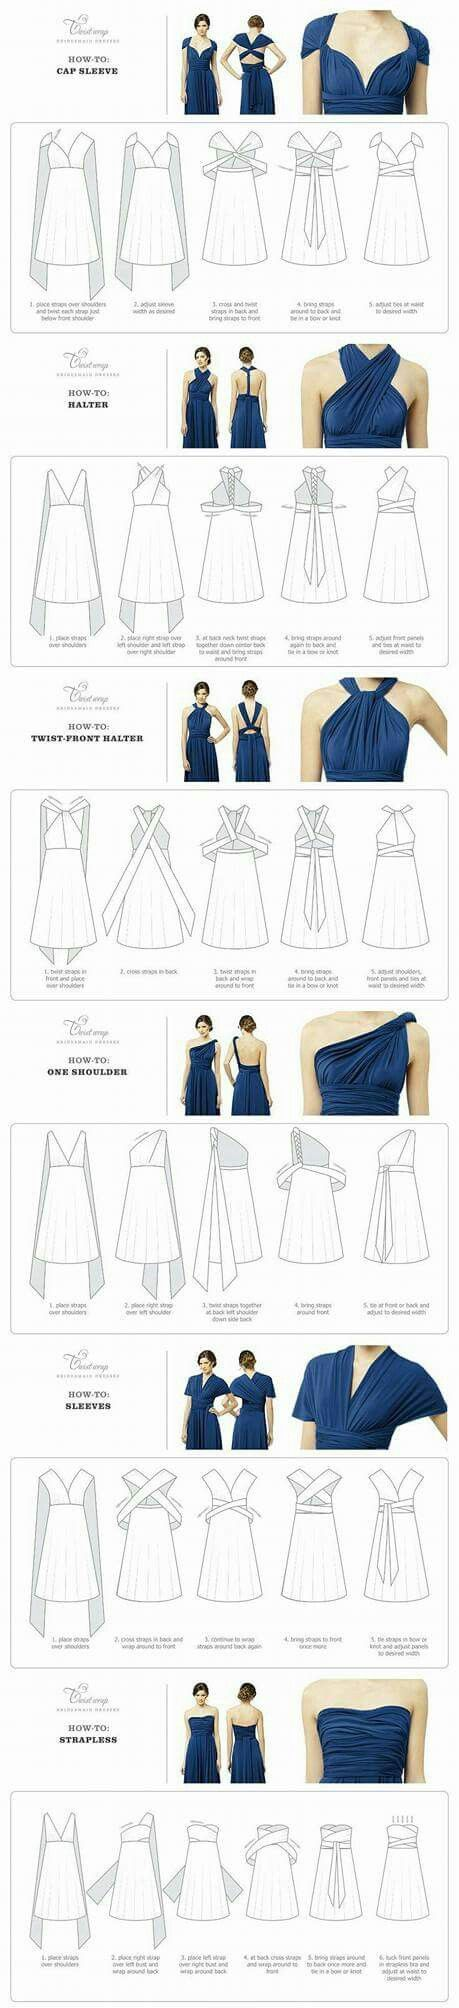 Convertible Dress